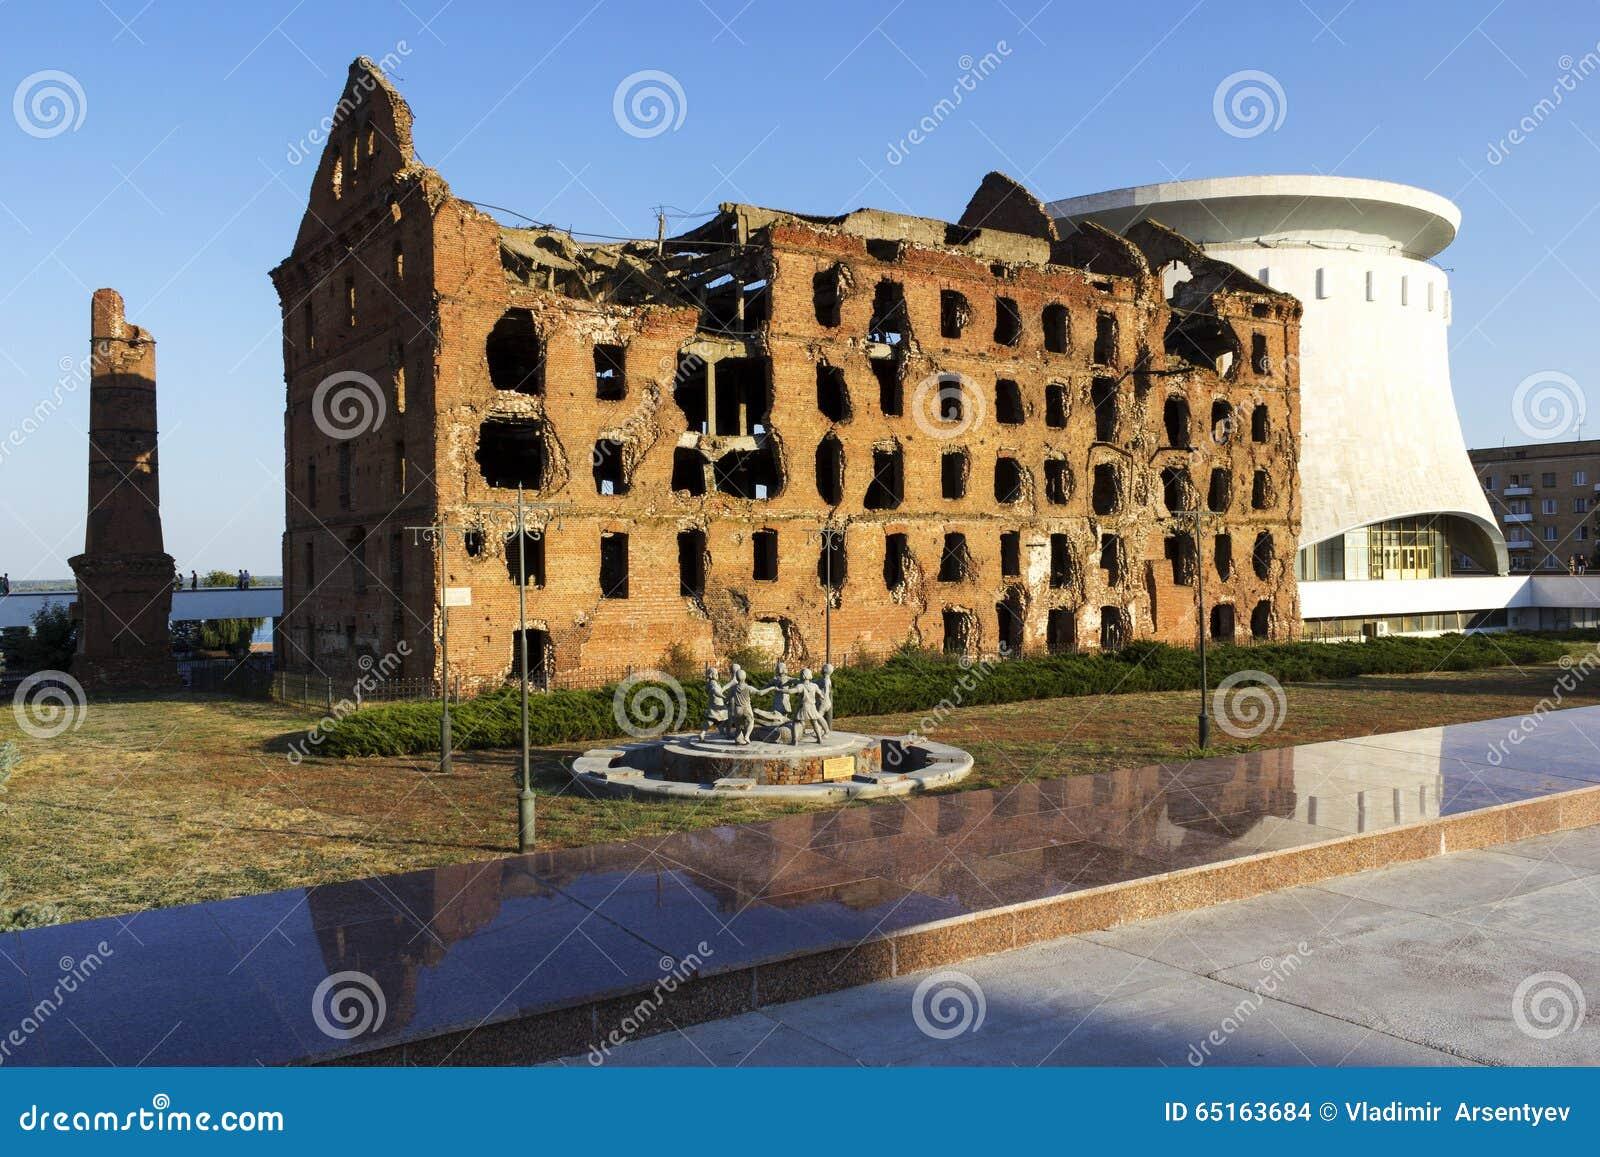 Ruined mill of Gergardt in Volgograd 89